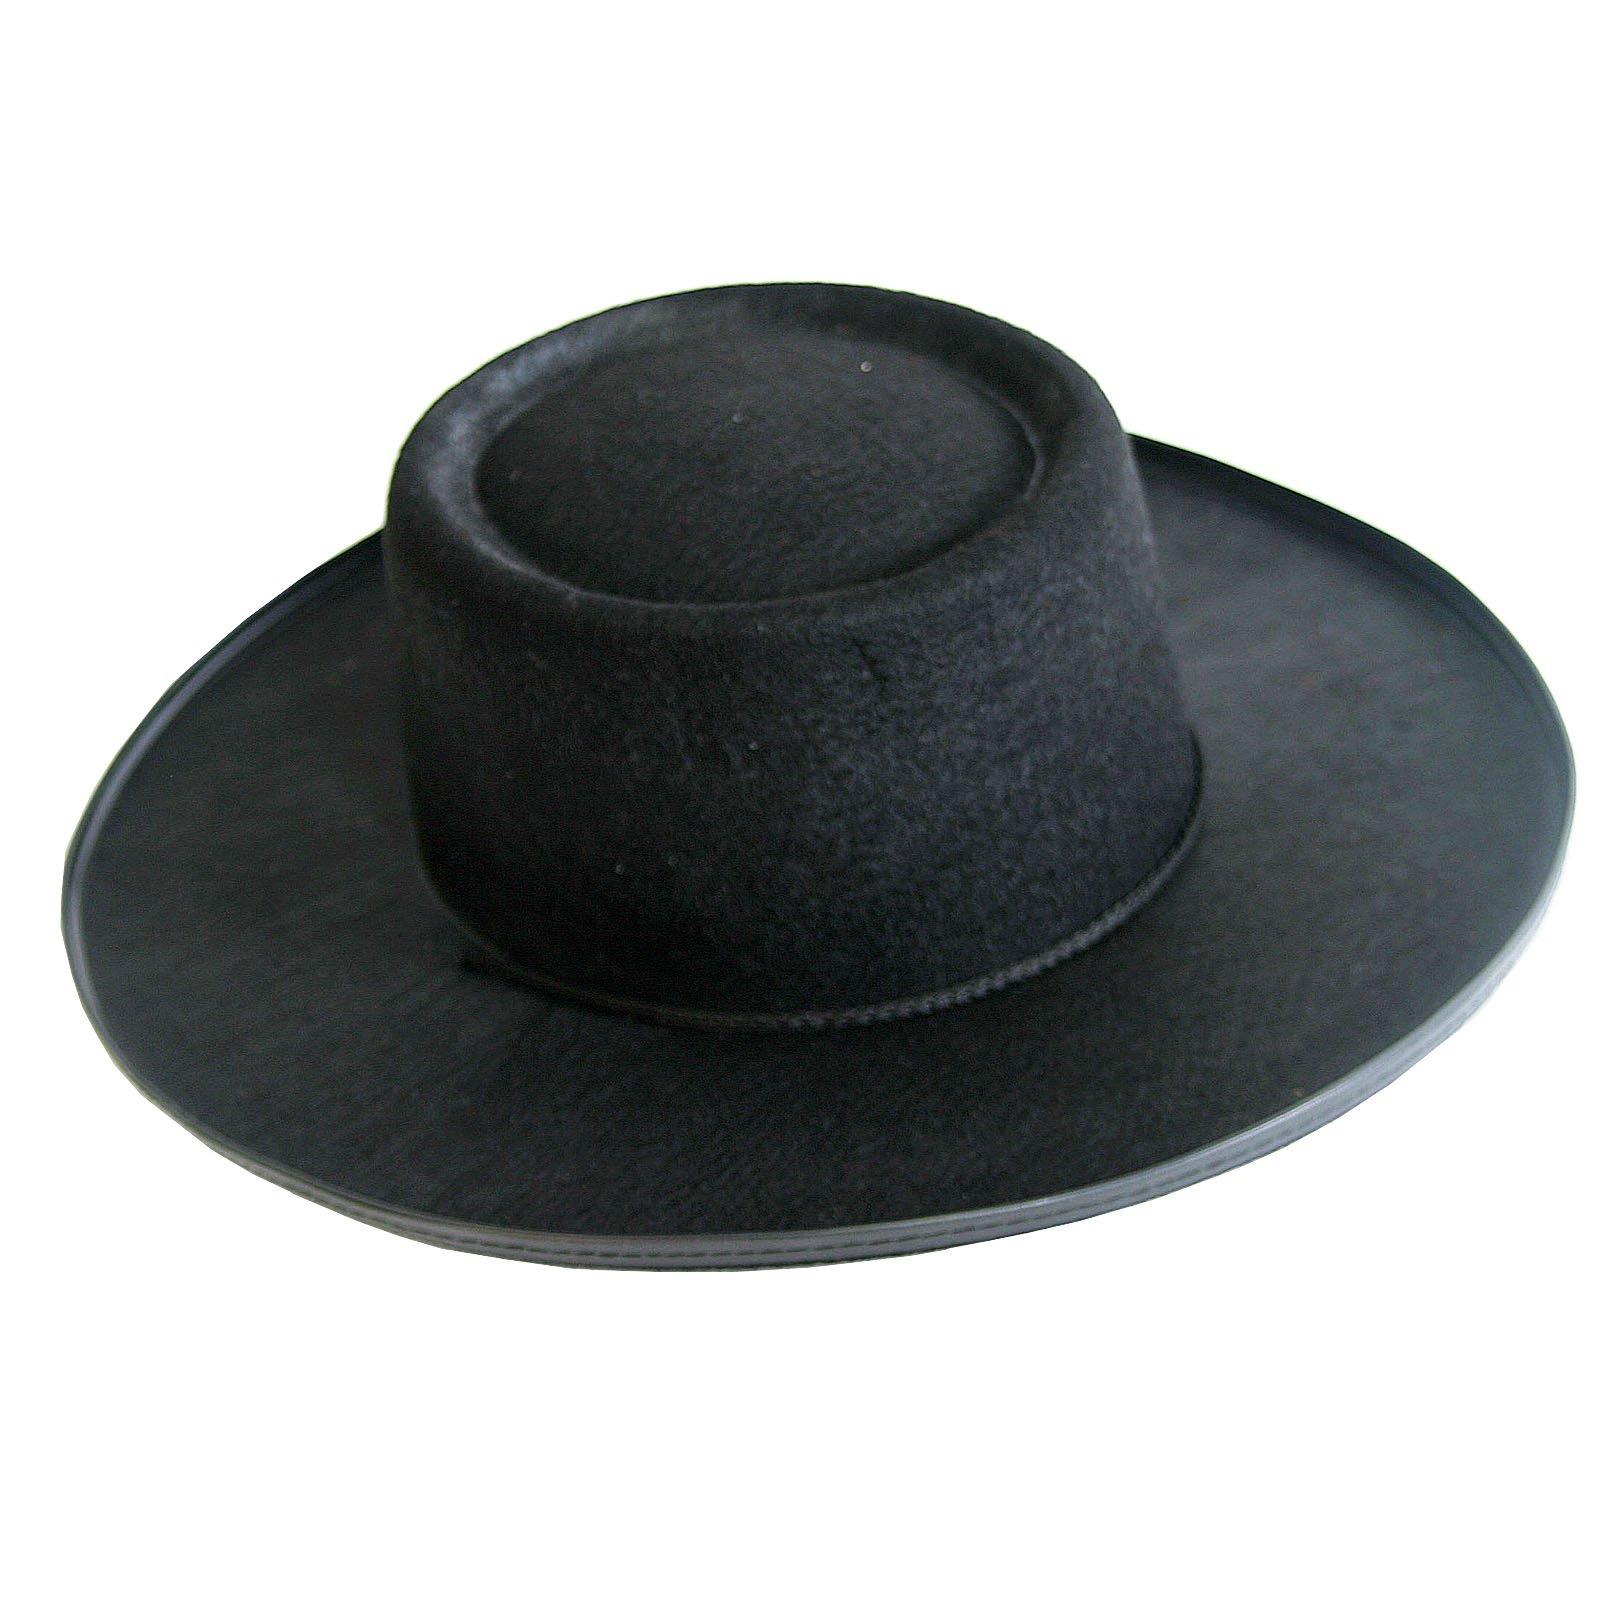 Spanish Mexican Sombrero Hat